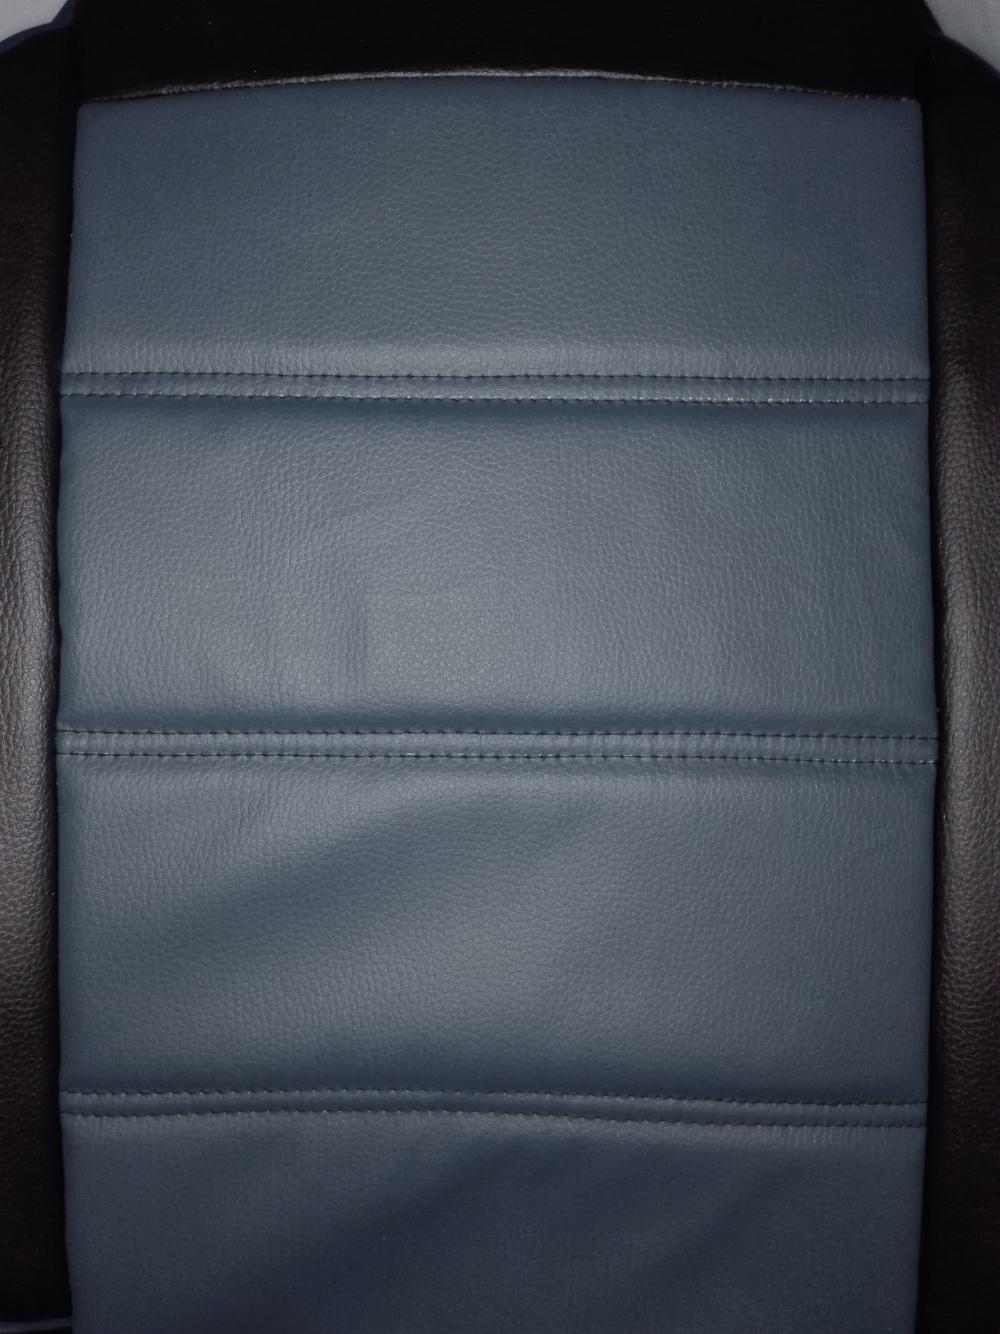 Чехлы на сидение Pilot Lux кожвинил серый - 1